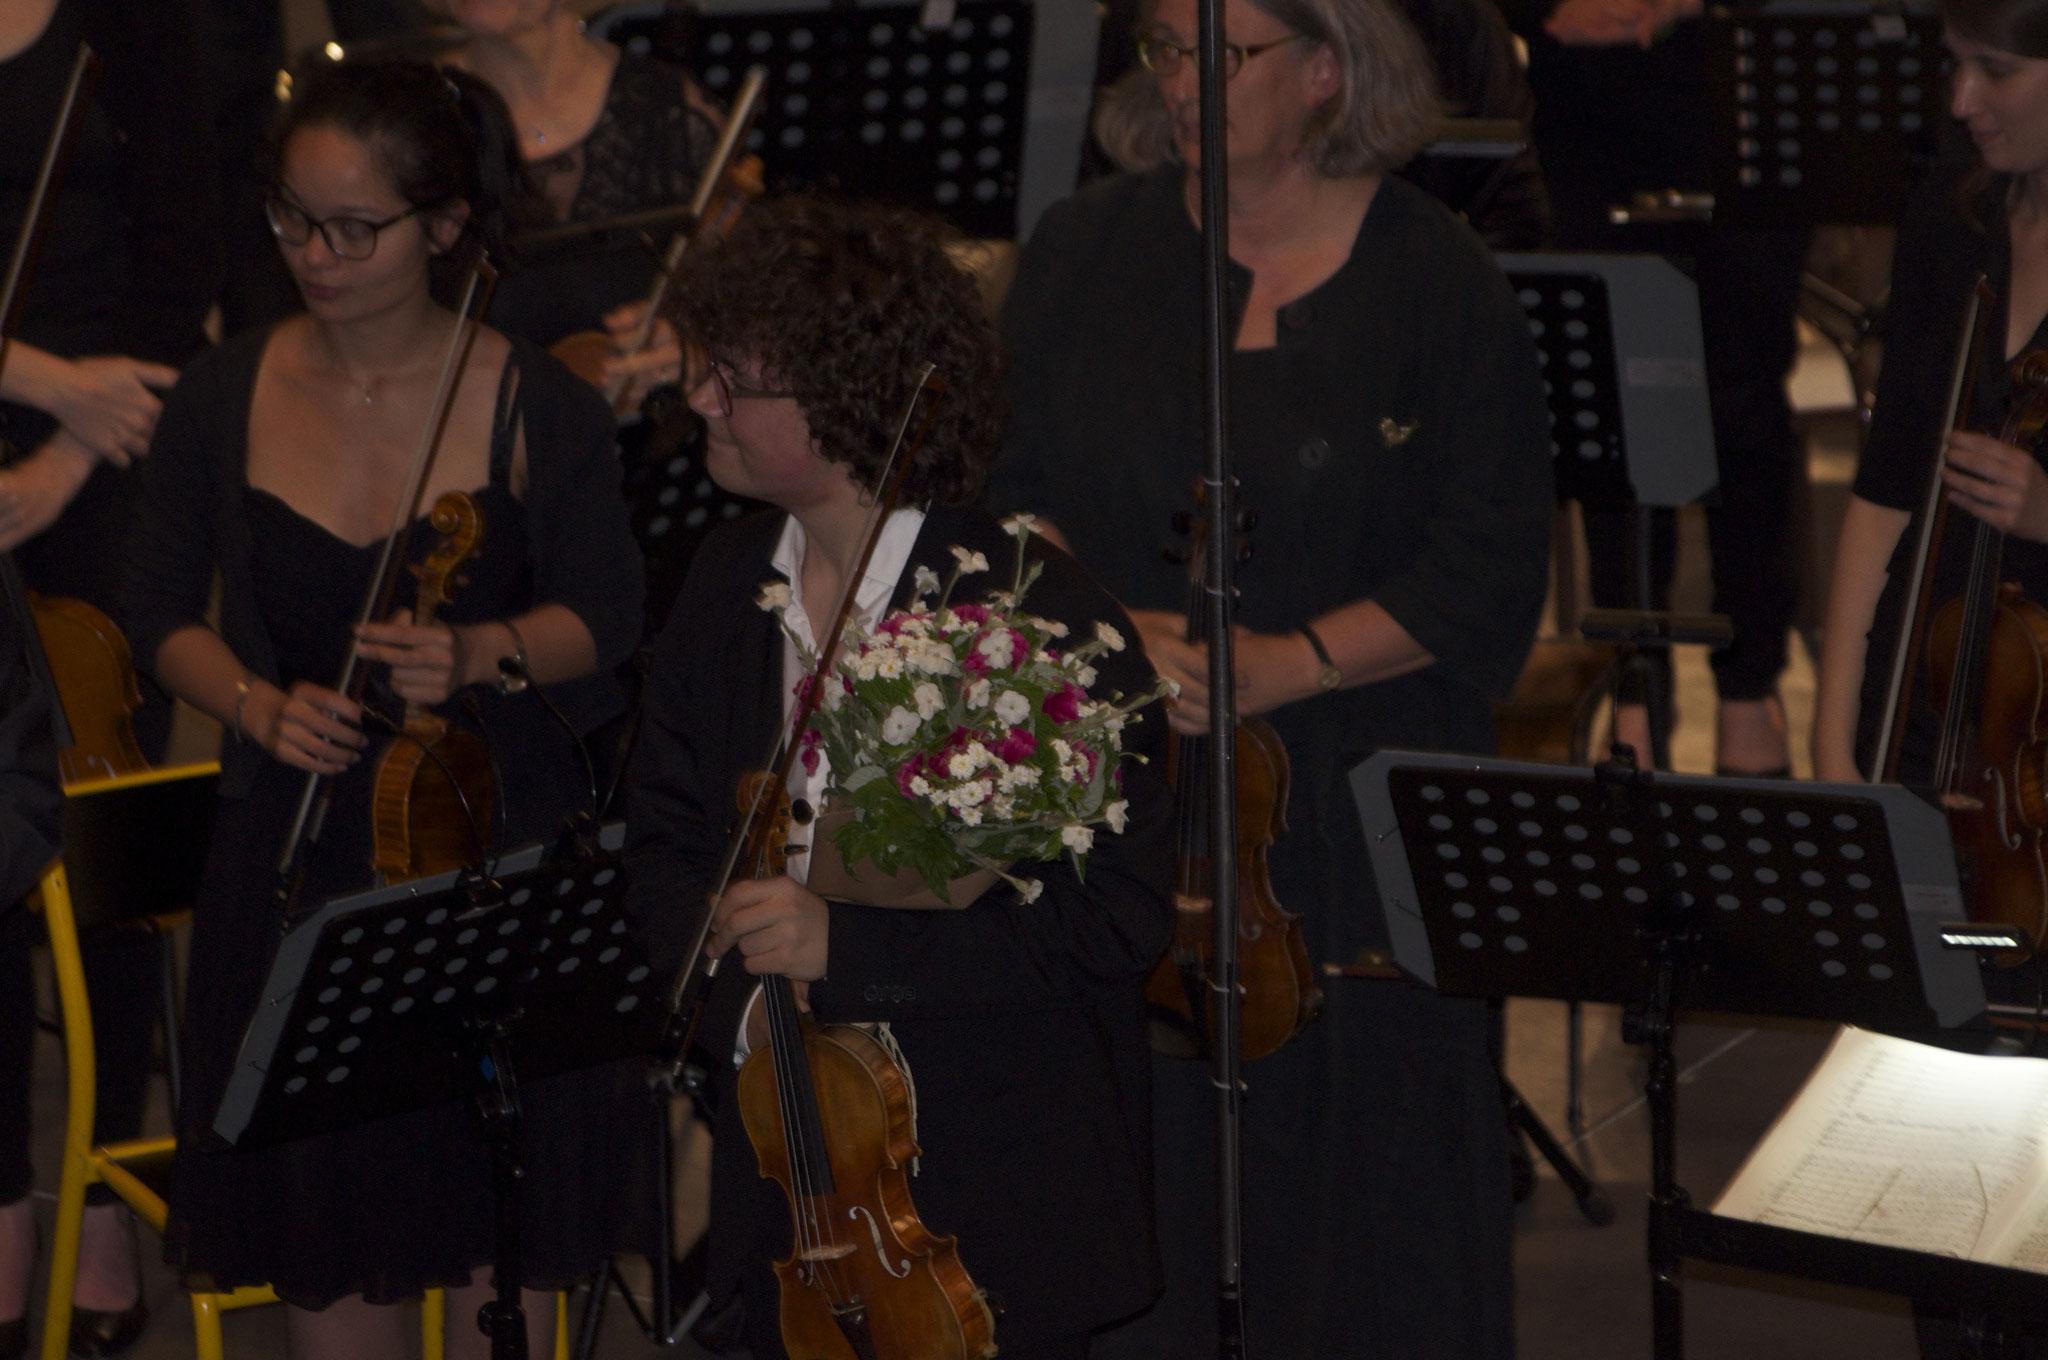 Orchestre Symphonique InterUniversitaire, Oratoire du Louvre